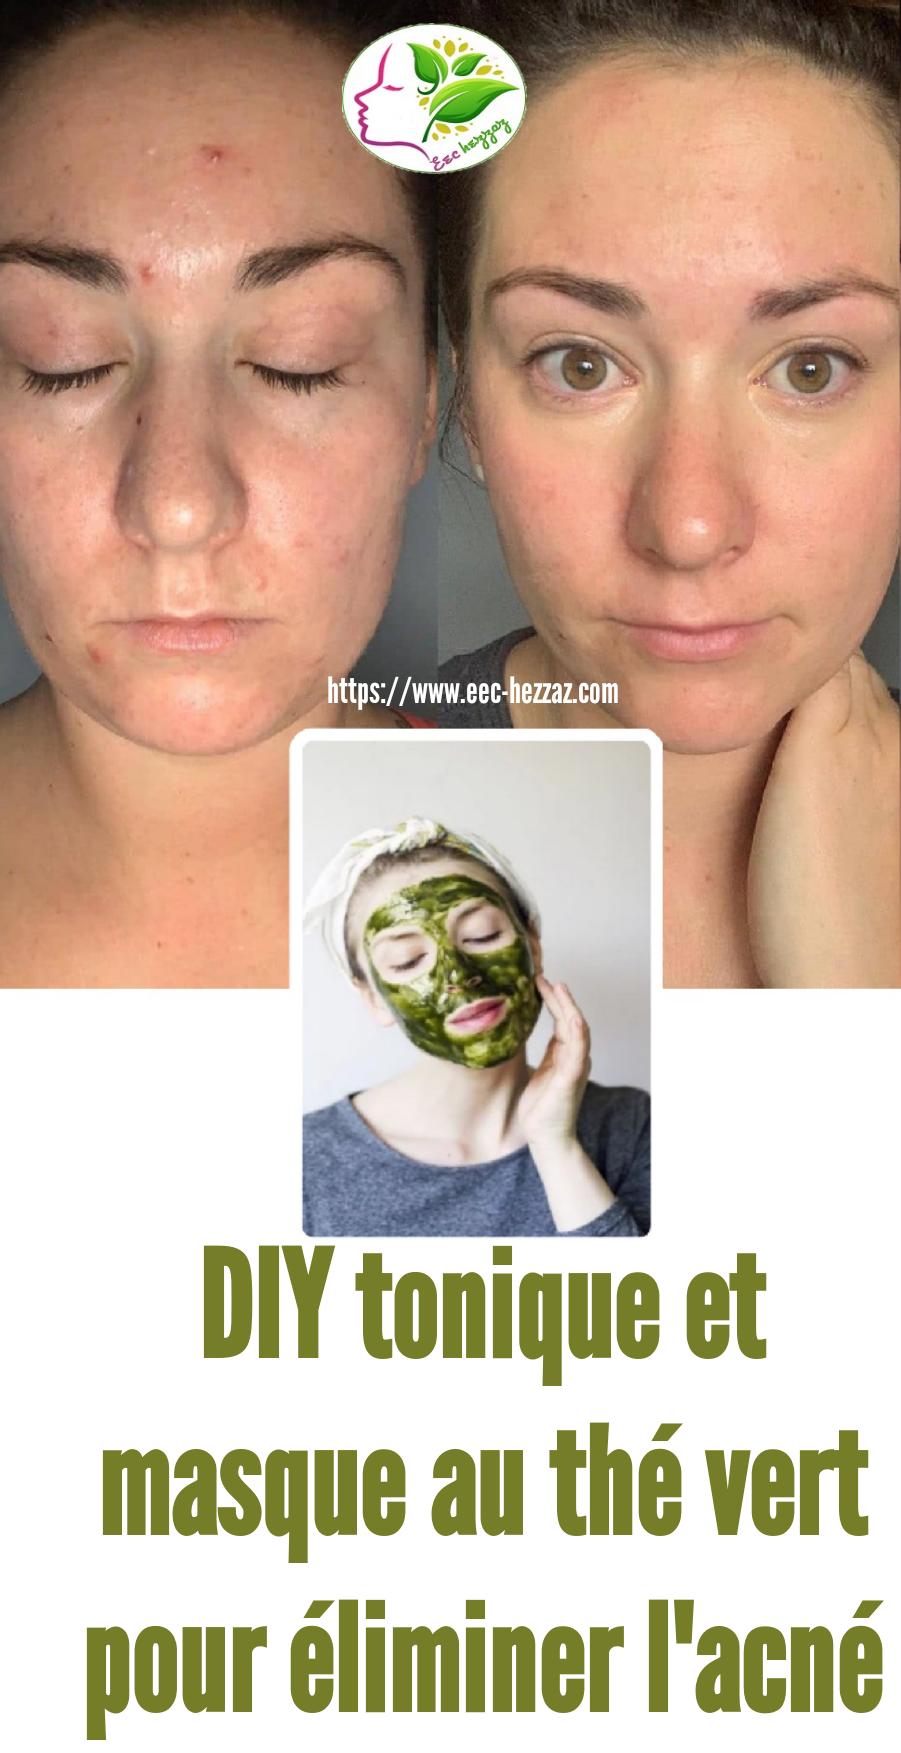 DIY tonique et masque au thé vert pour éliminer l'acné